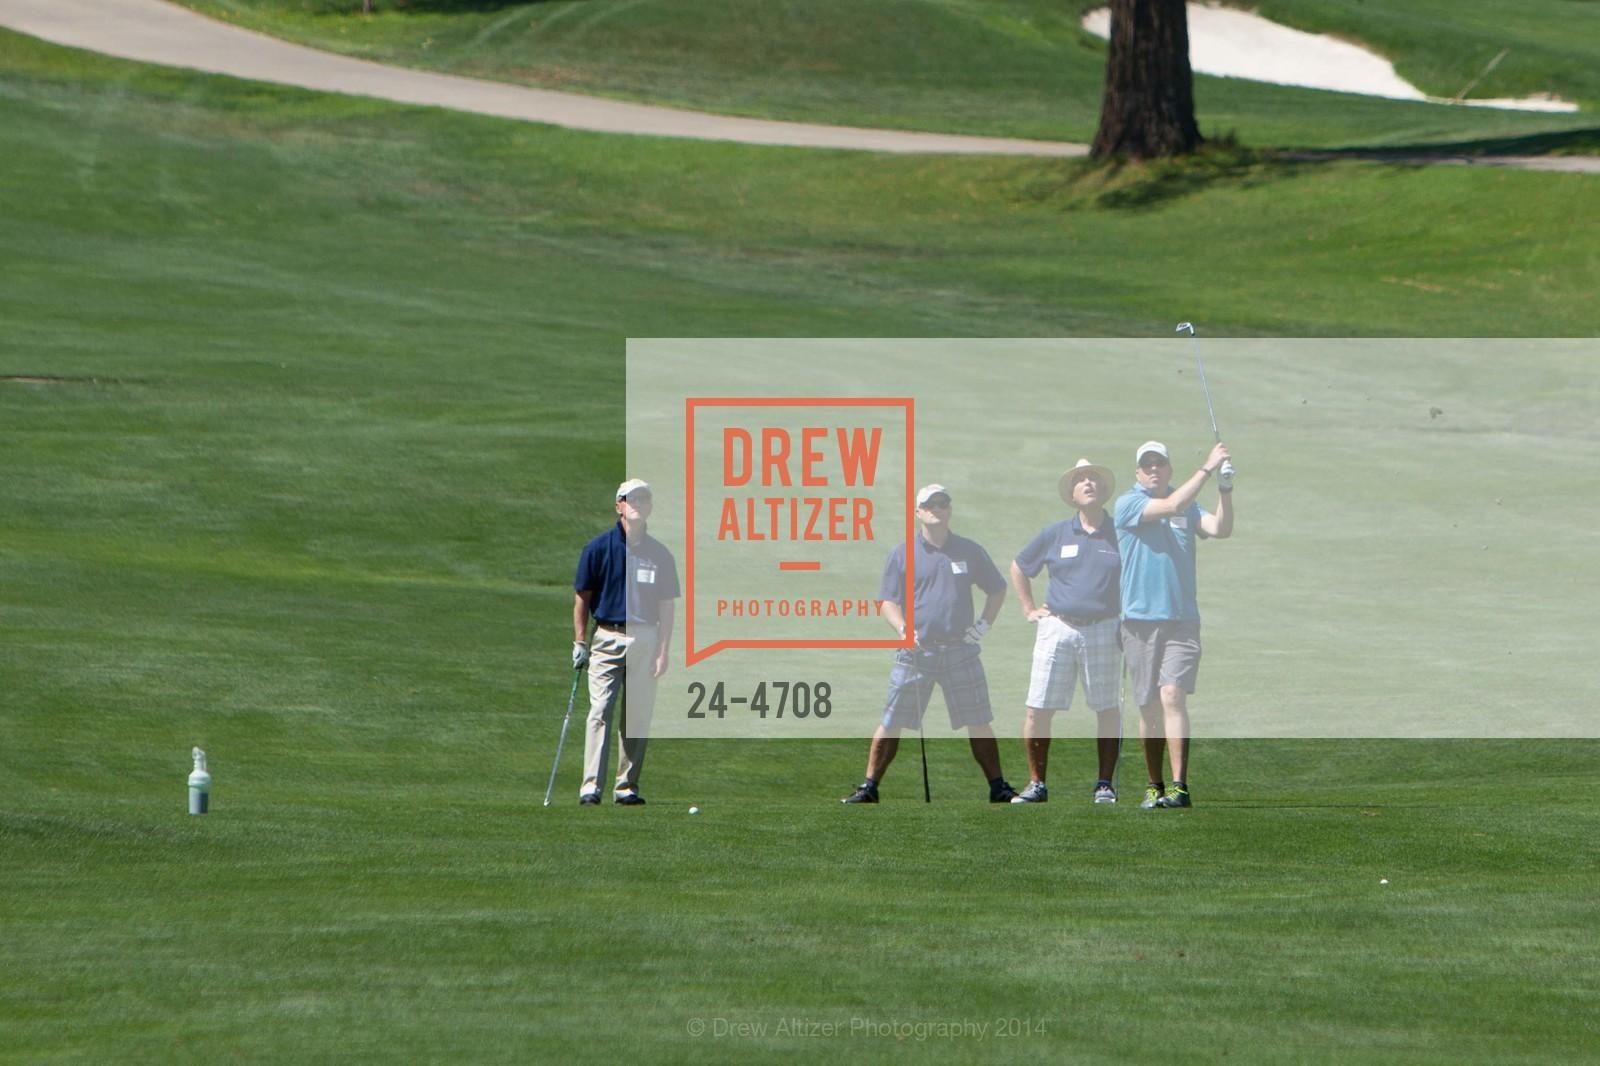 John Volk, Kevin Strain, Steve San Filippo, Jeff Stark, Photo #24-4708